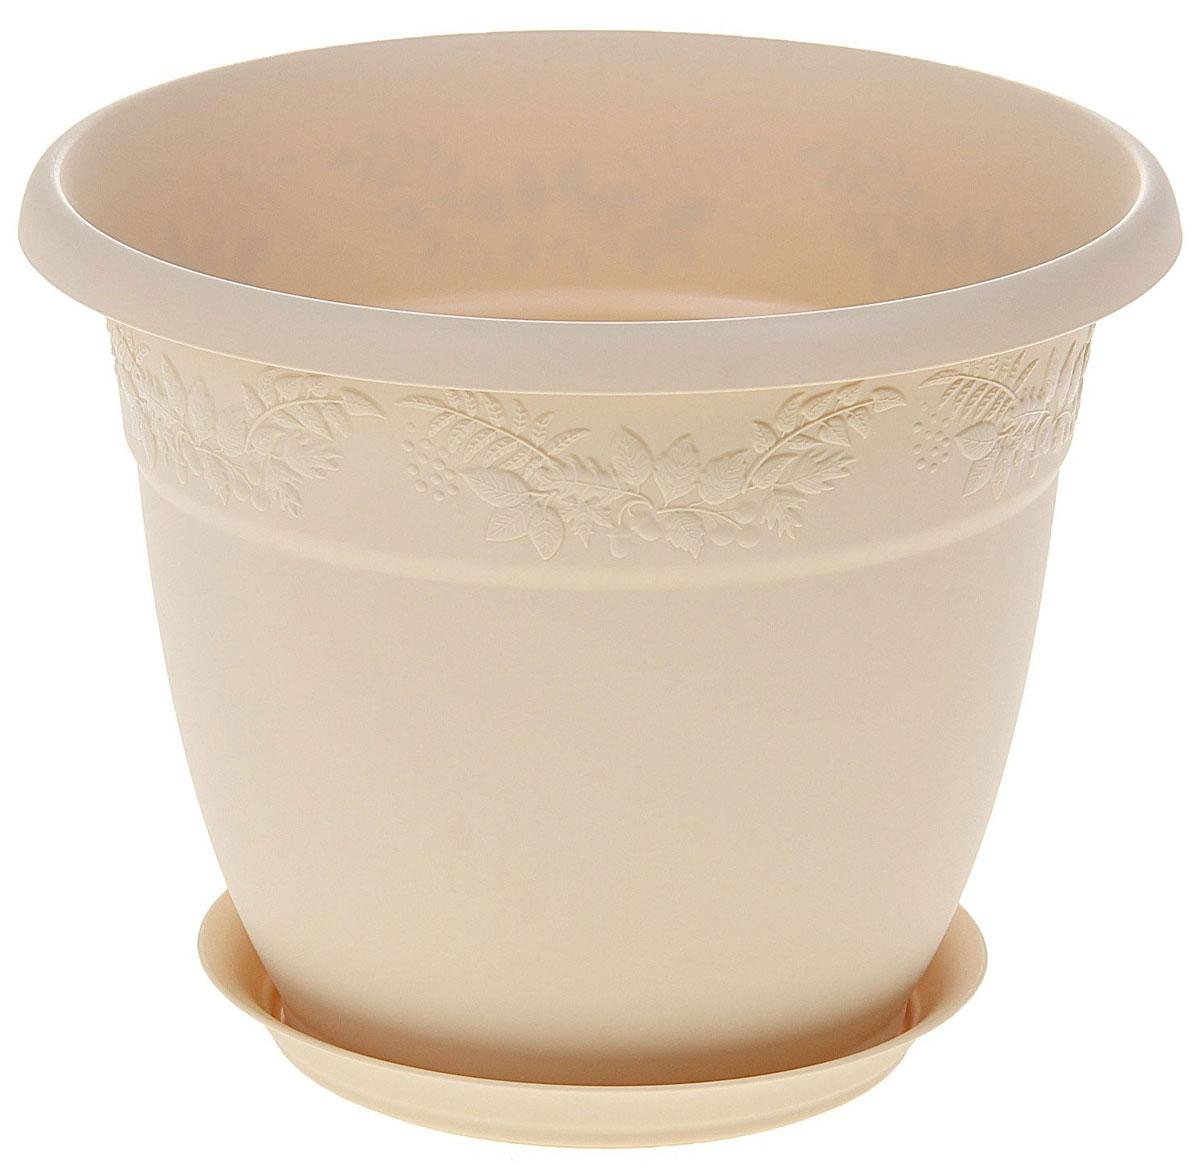 Кашпо Idea Рябина, с поддоном, цвет: белая глина, 7,5 л531-102Любой, даже самый современный и продуманный интерьер будет не завершённым без растений. Они не только очищают воздух и насыщают его кислородом, но и заметно украшают окружающее пространство. Такому полезному &laquo члену семьи&raquoпросто необходимо красивое и функциональное кашпо, оригинальный горшок или необычная ваза! Мы предлагаем - Кашпо 7,5 л Рябина d=28 см, с поддоном, цвет белая глина!Оптимальный выбор материала &mdash &nbsp пластмасса! Почему мы так считаем? Малый вес. С лёгкостью переносите горшки и кашпо с места на место, ставьте их на столики или полки, подвешивайте под потолок, не беспокоясь о нагрузке. Простота ухода. Пластиковые изделия не нуждаются в специальных условиях хранения. Их&nbsp легко чистить &mdashдостаточно просто сполоснуть тёплой водой. Никаких царапин. Пластиковые кашпо не царапают и не загрязняют поверхности, на которых стоят. Пластик дольше хранит влагу, а значит &mdashрастение реже нуждается в поливе. Пластмасса не пропускает воздух &mdashкорневой системе растения не грозят резкие перепады температур. Огромный выбор форм, декора и расцветок &mdashвы без труда подберёте что-то, что идеально впишется в уже существующий интерьер.Соблюдая нехитрые правила ухода, вы можете заметно продлить срок службы горшков, вазонов и кашпо из пластика: всегда учитывайте размер кроны и корневой системы растения (при разрастании большое растение способно повредить маленький горшок)берегите изделие от воздействия прямых солнечных лучей, чтобы кашпо и горшки не выцветалидержите кашпо и горшки из пластика подальше от нагревающихся поверхностей.Создавайте прекрасные цветочные композиции, выращивайте рассаду или необычные растения, а низкие цены позволят вам не ограничивать себя в выборе.